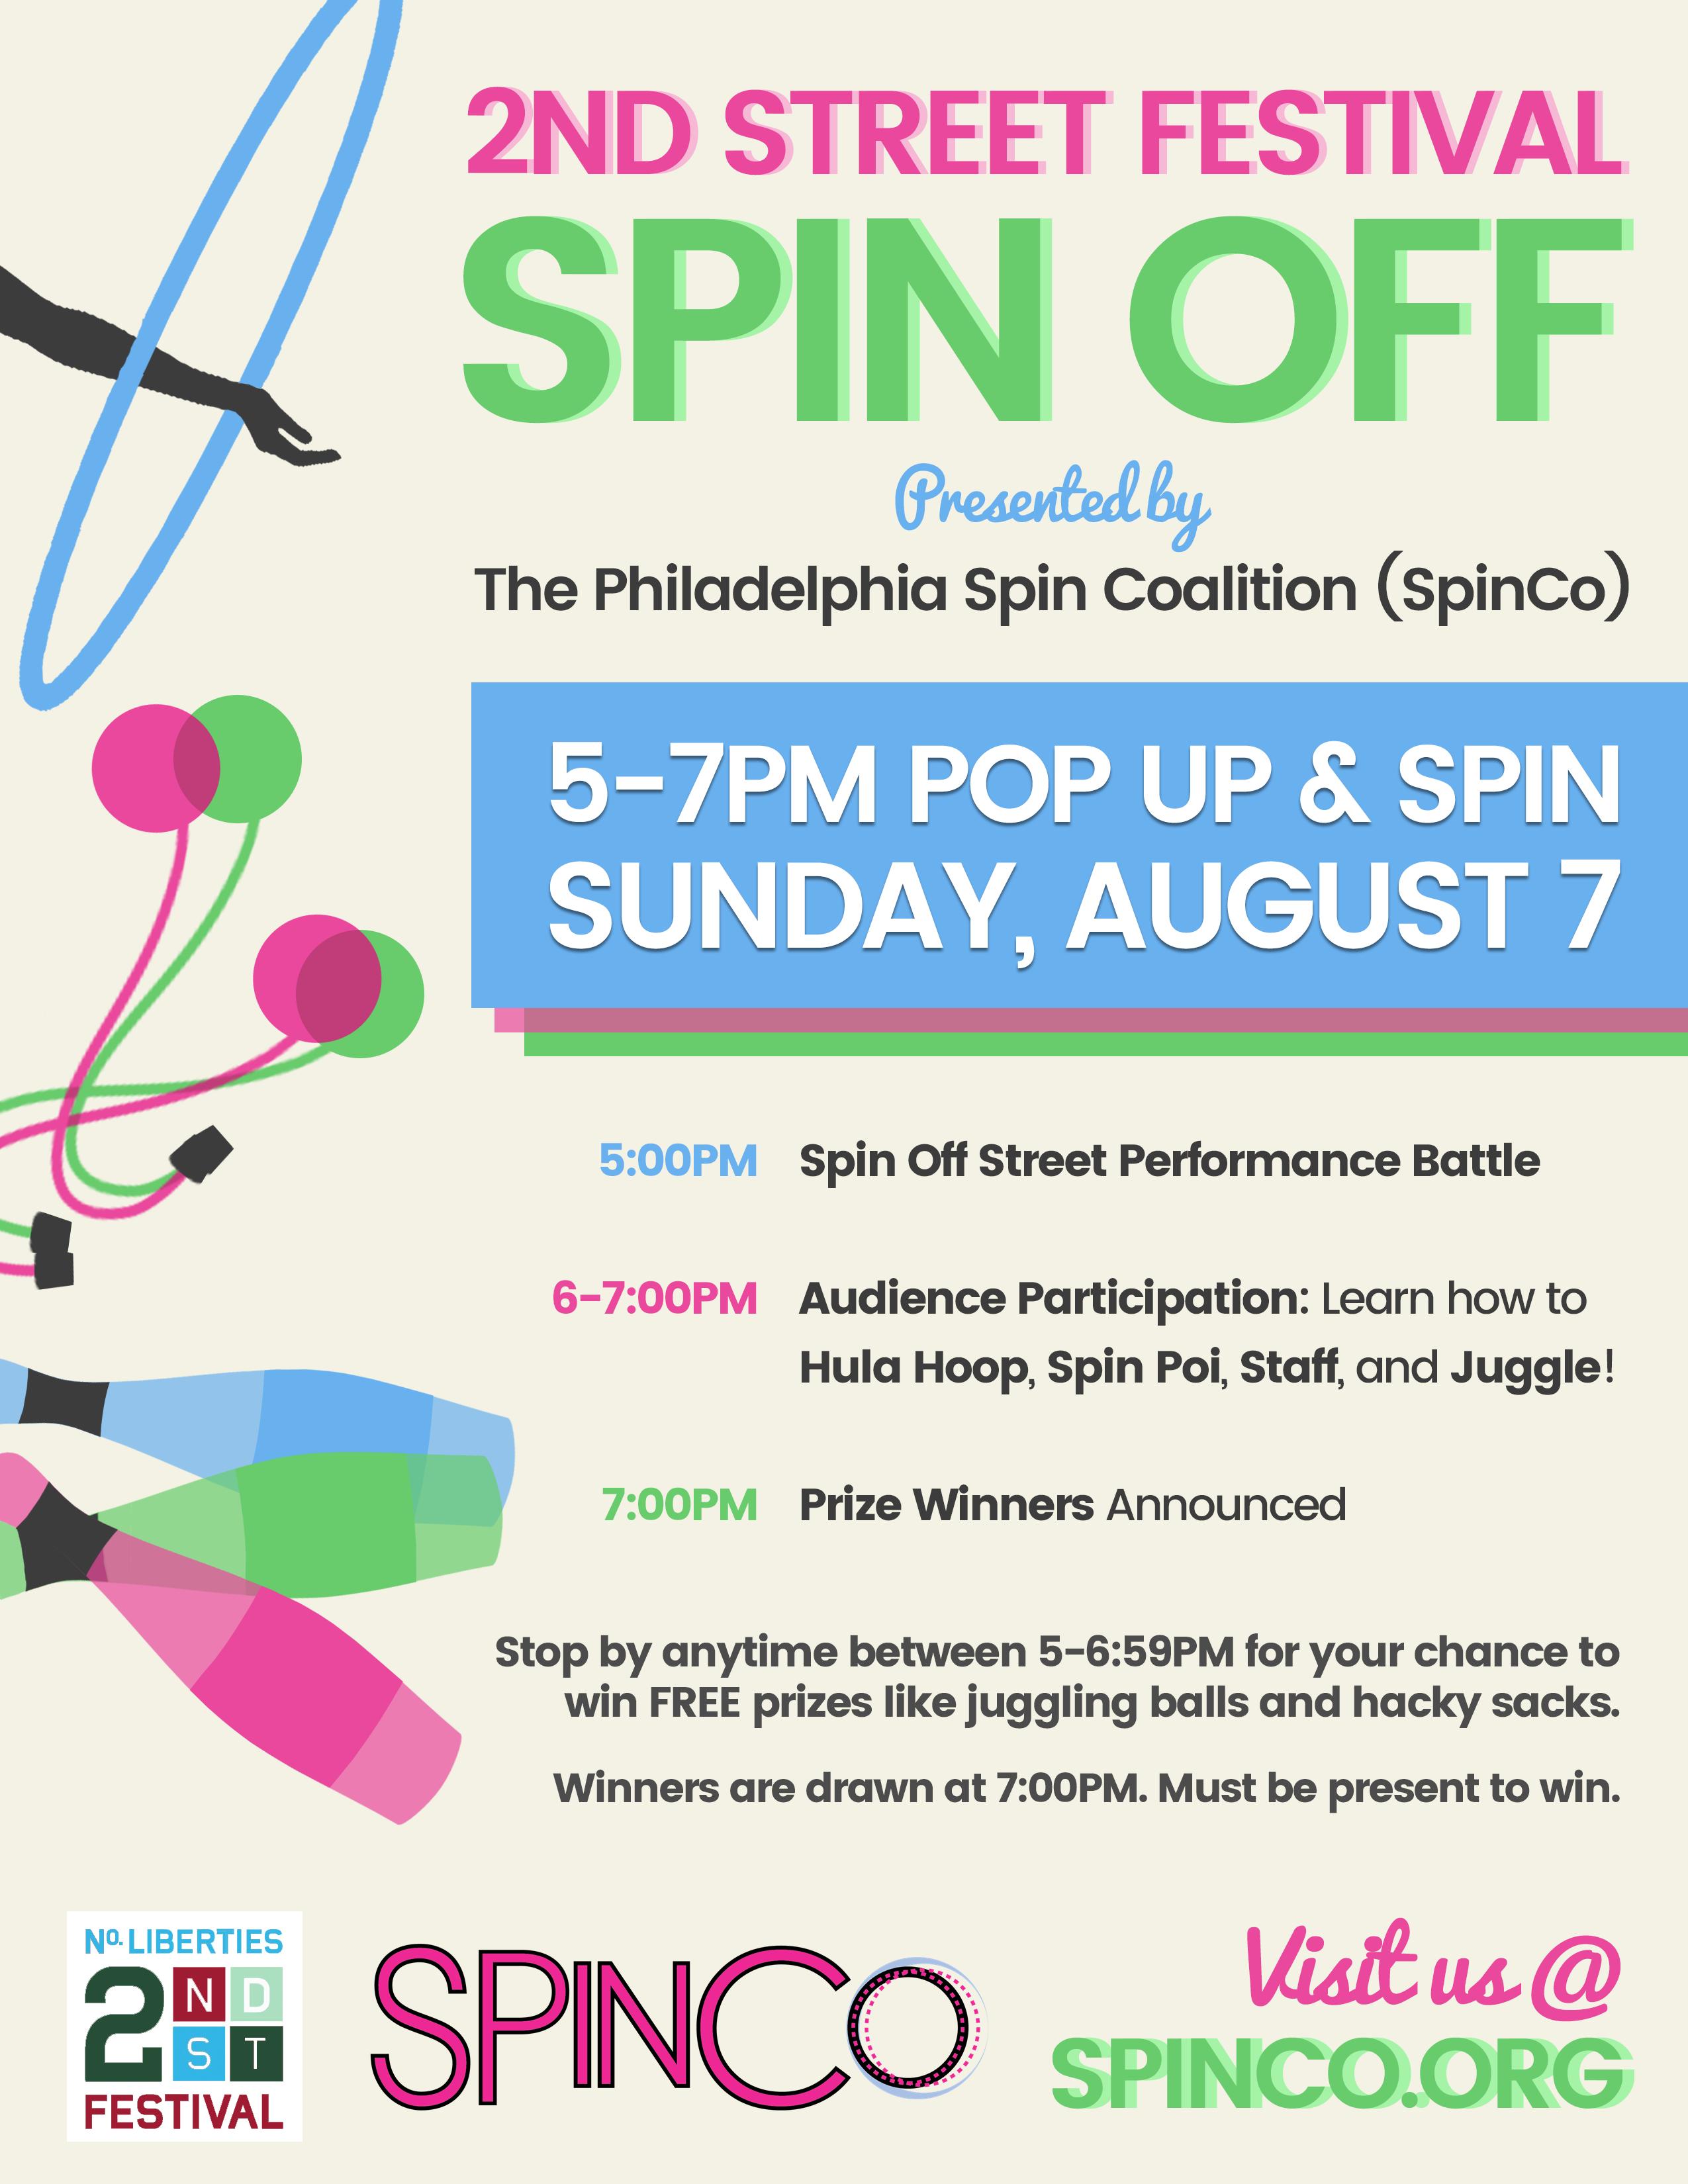 Spinco 2Nd Street Fest